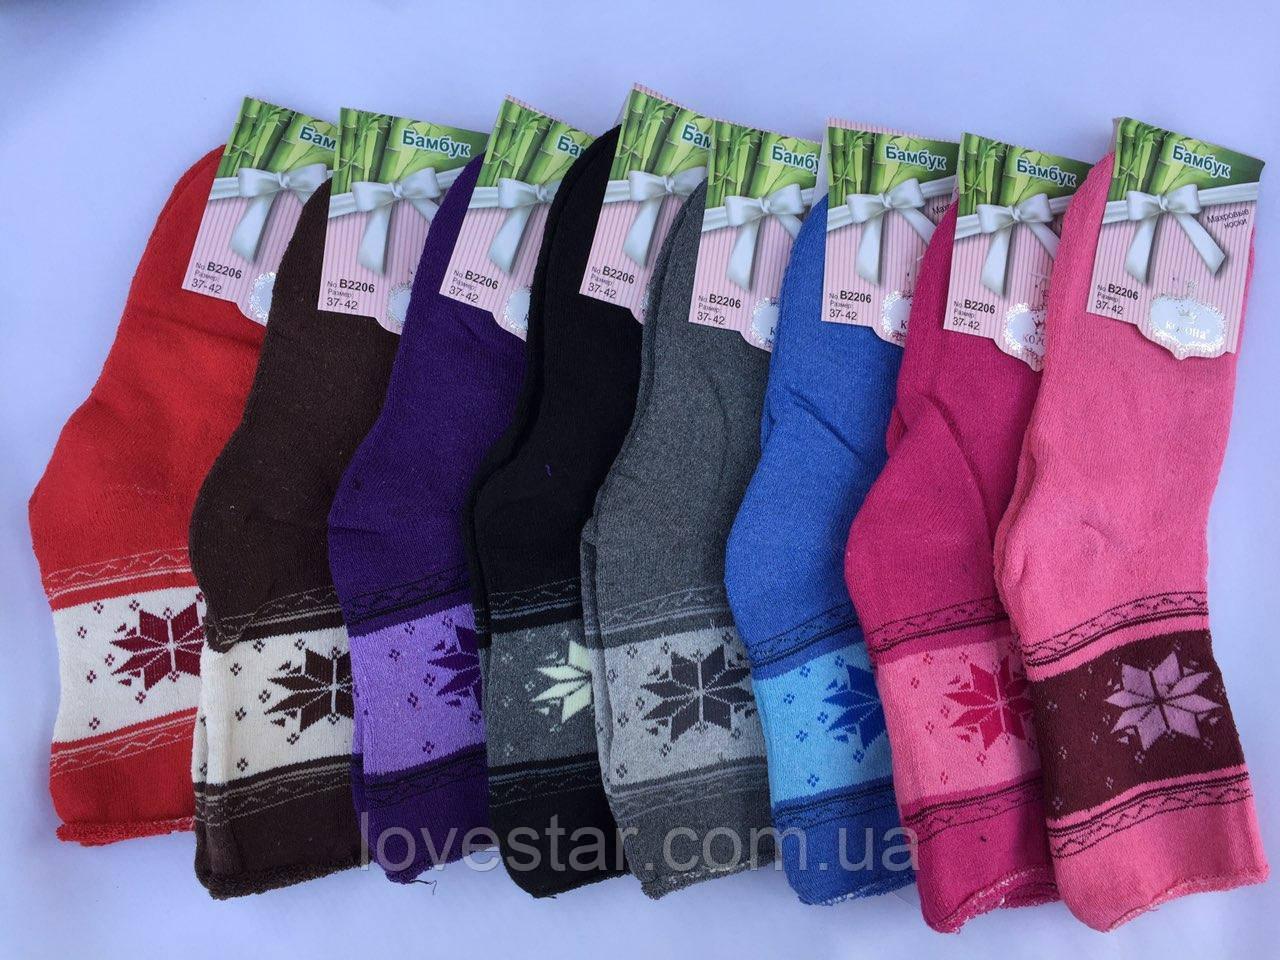 Женские махровые носки Корона бамбукР.р 37-42